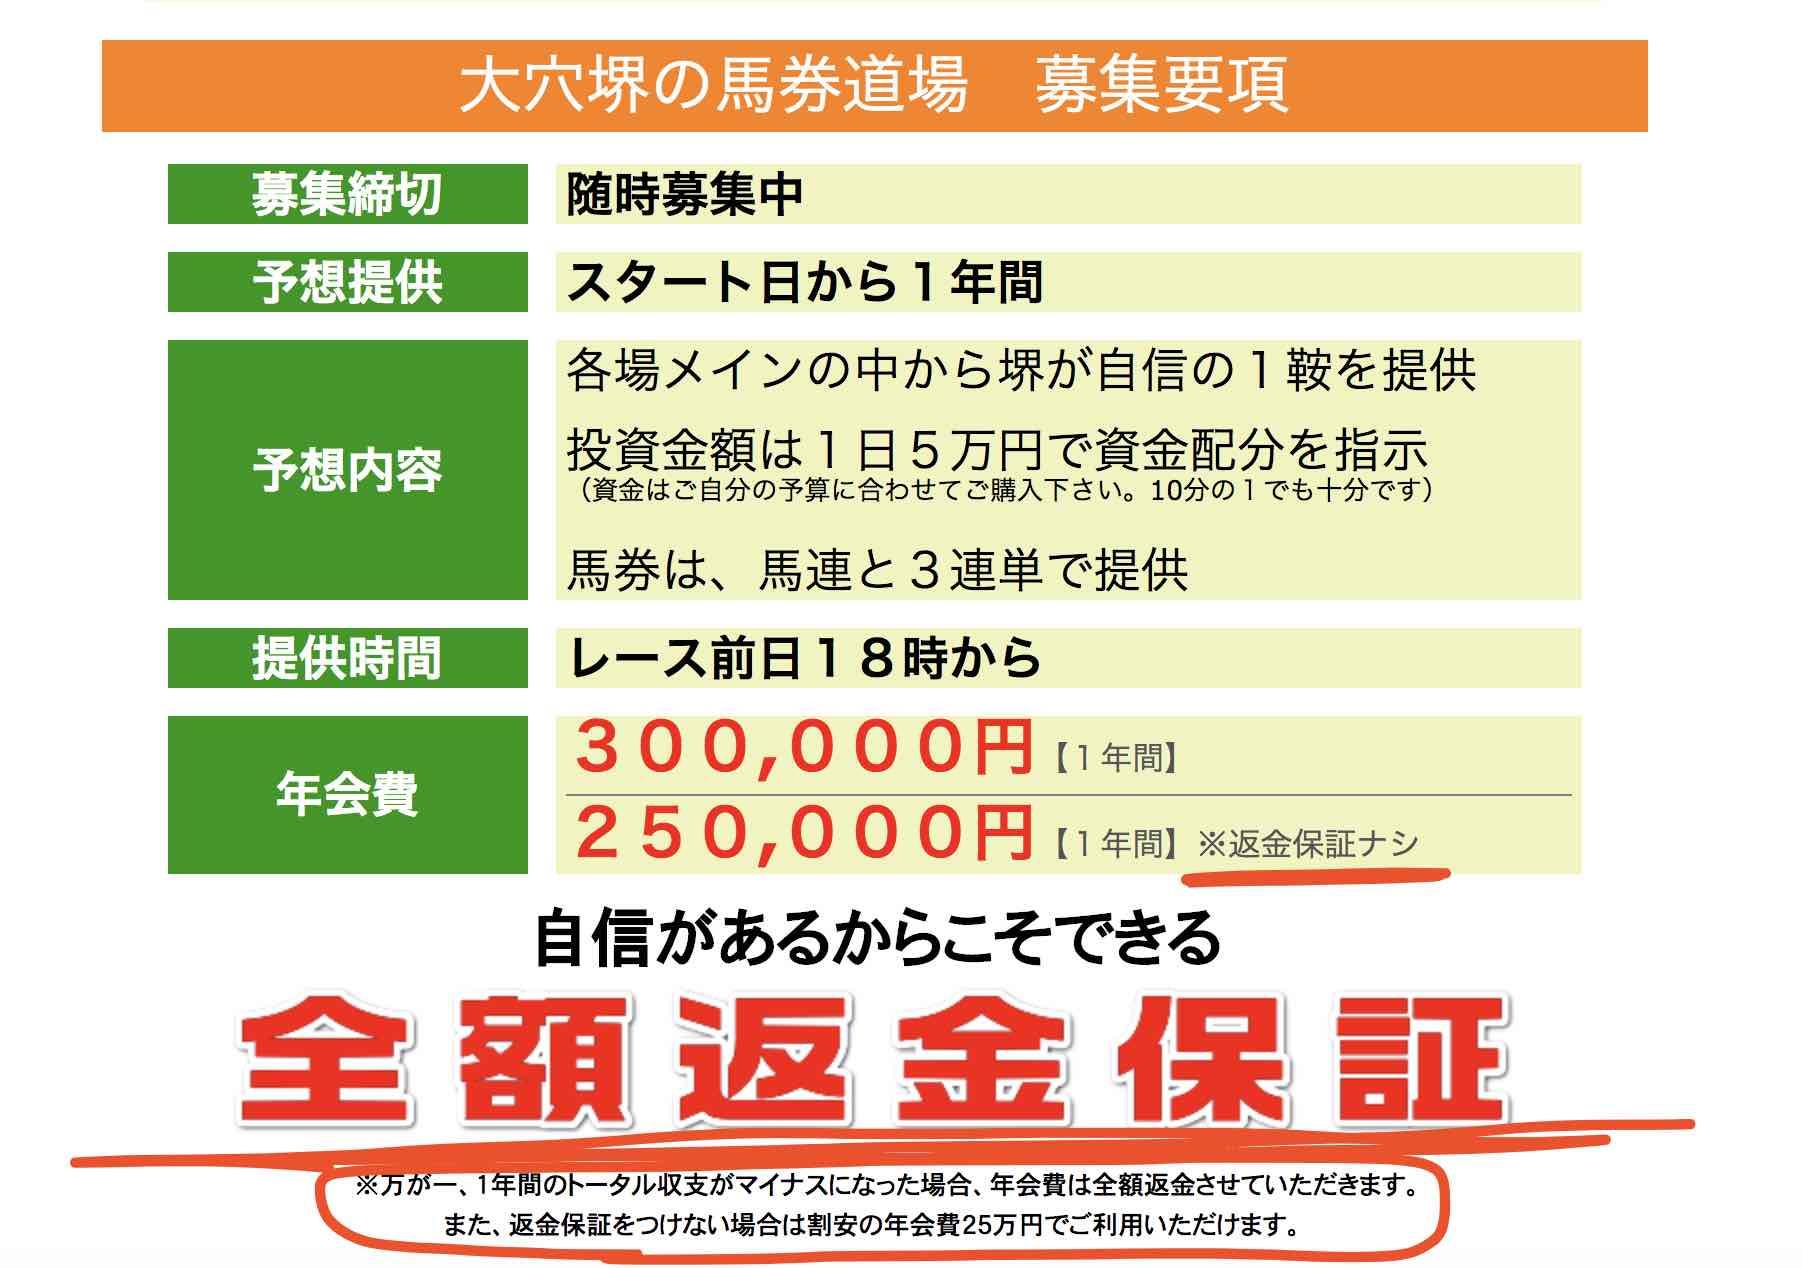 栗東スポーツという競馬予想サイトの「全額返金保証」はウソなのか?